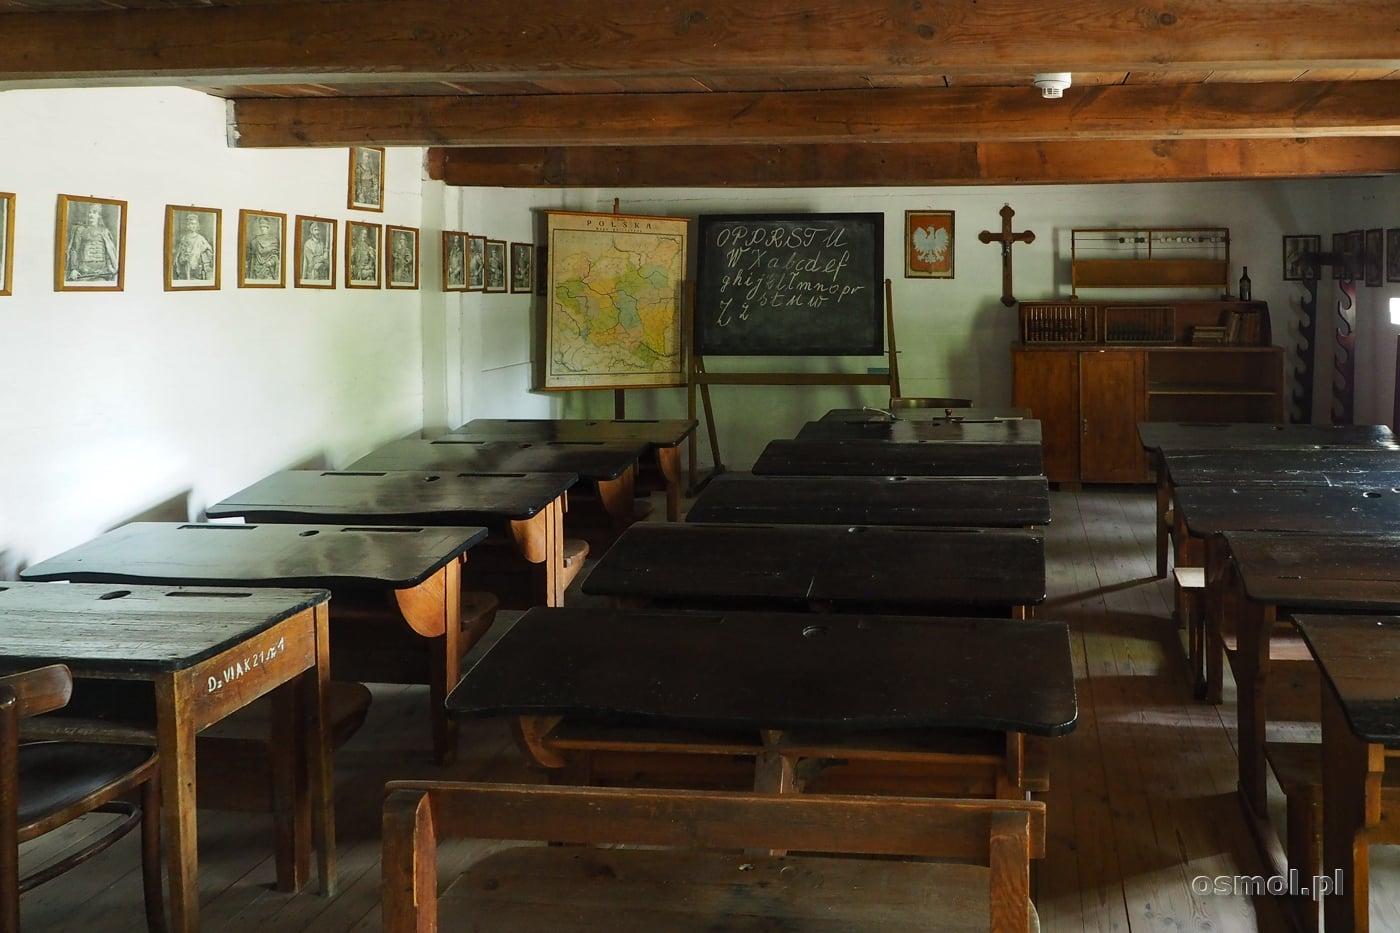 Sala lekcyjna w budynku szkolnym w skansenie w Maurzycach